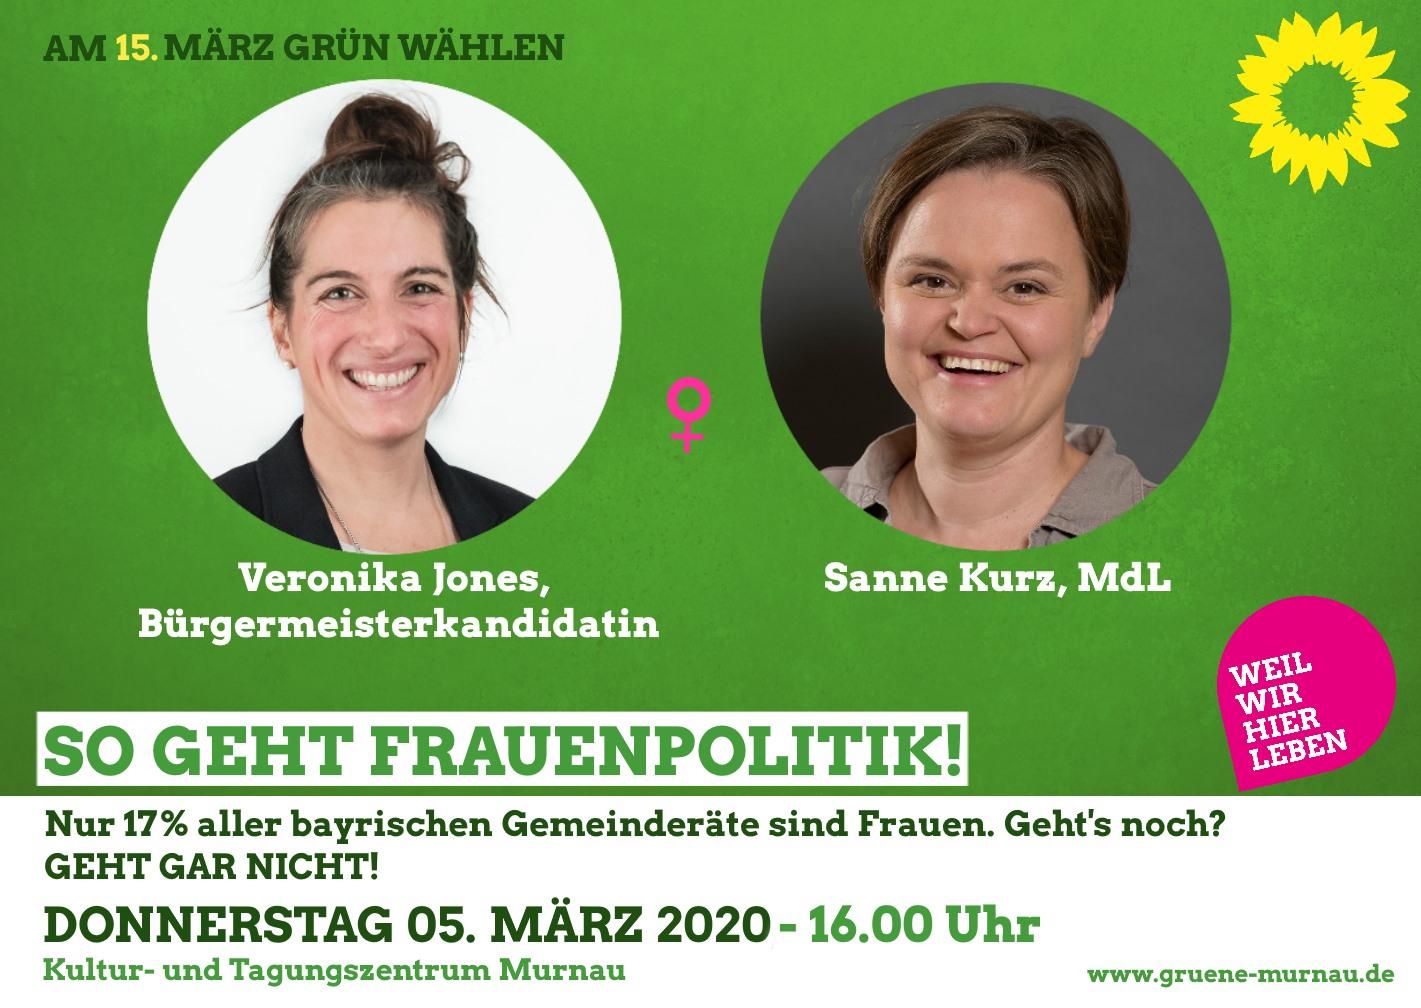 Sanne Kurz Bayerischer Landtag Grüne Fraktion Bayern Frauen in die Kommunalpolitik